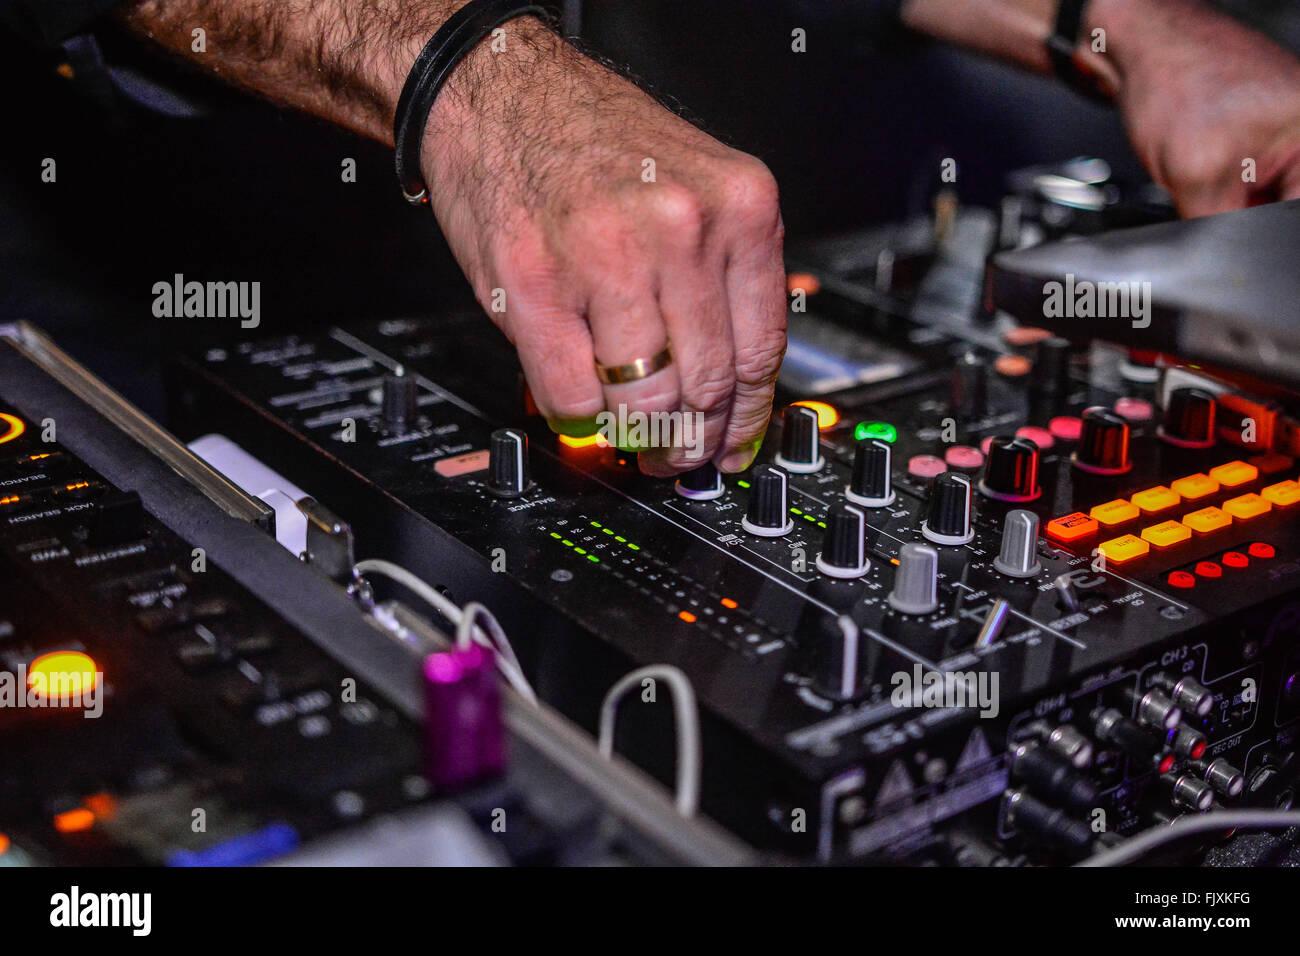 Hands Adjusting Regulators Of A Mixer Unit Stock Photo